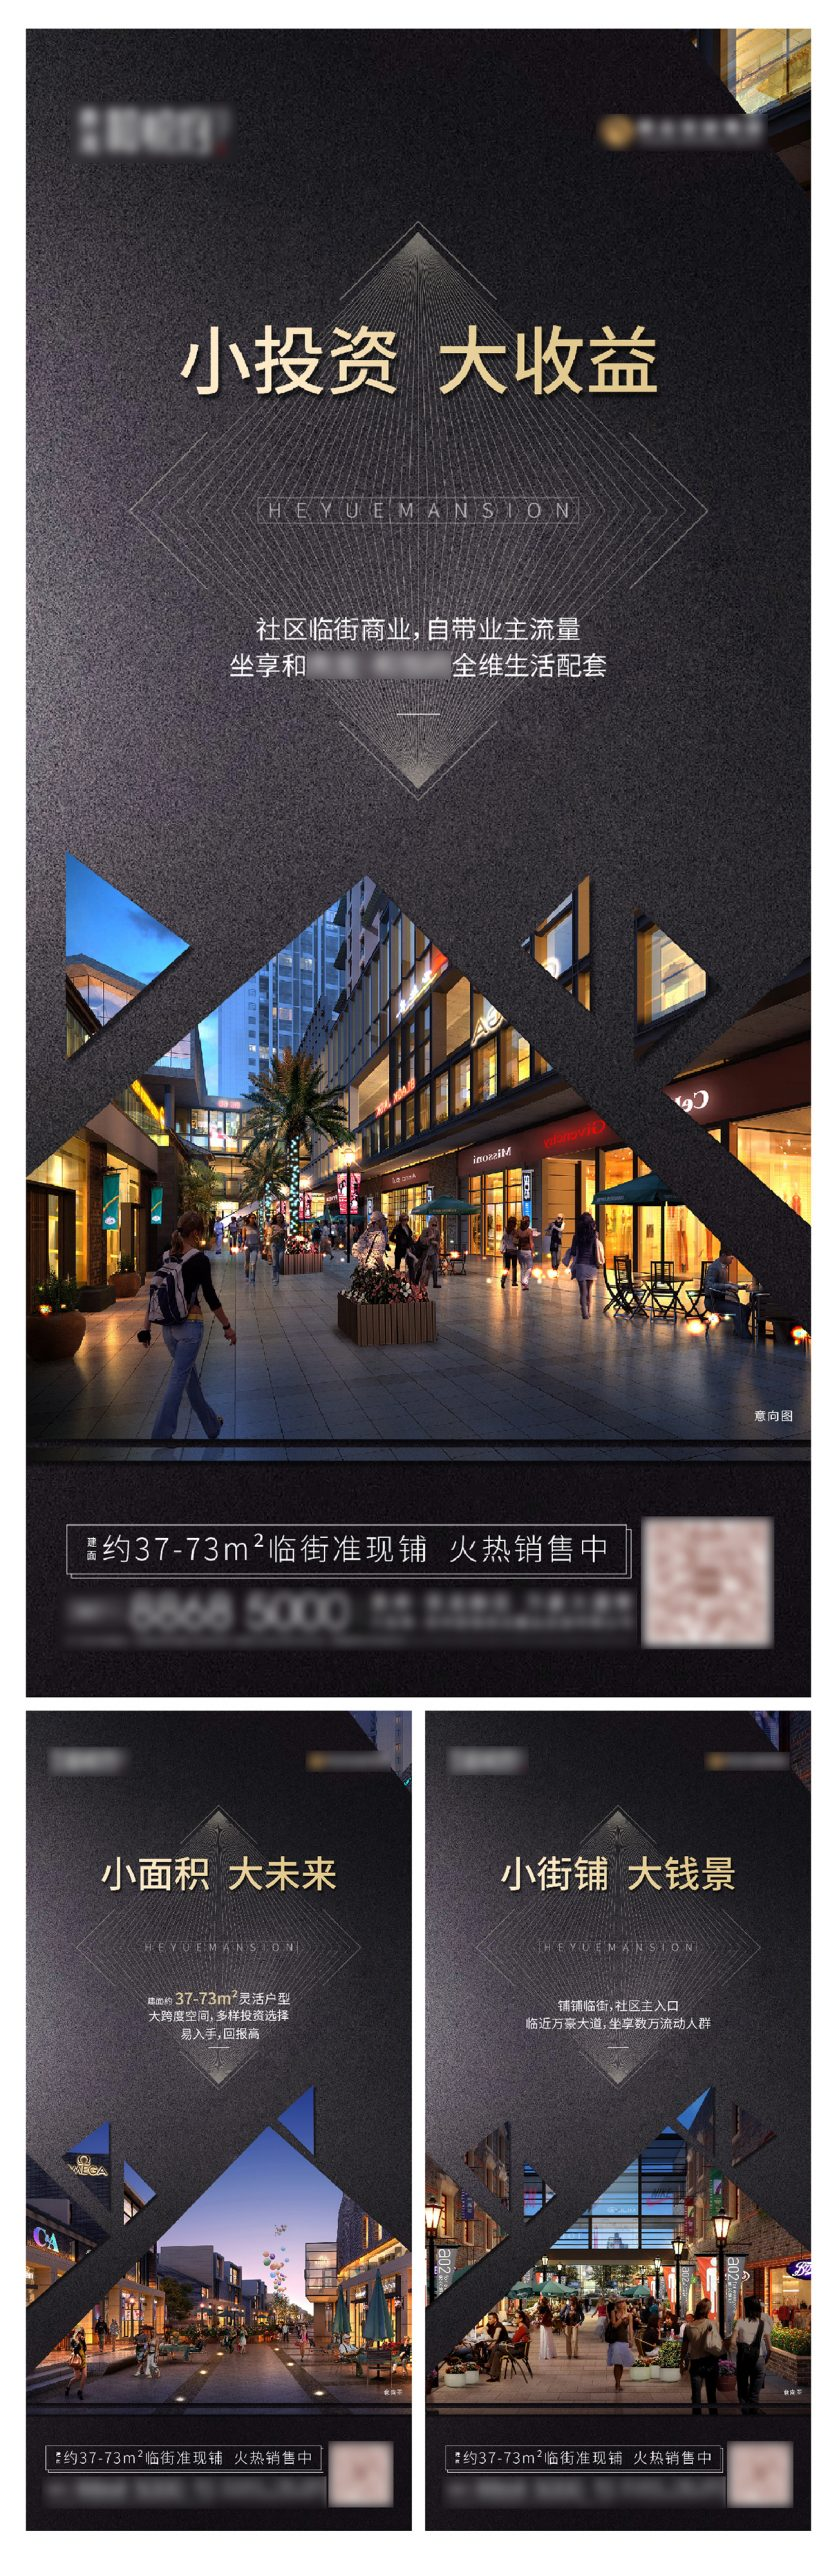 商铺微信黑金刷屏海报AI源文件插图